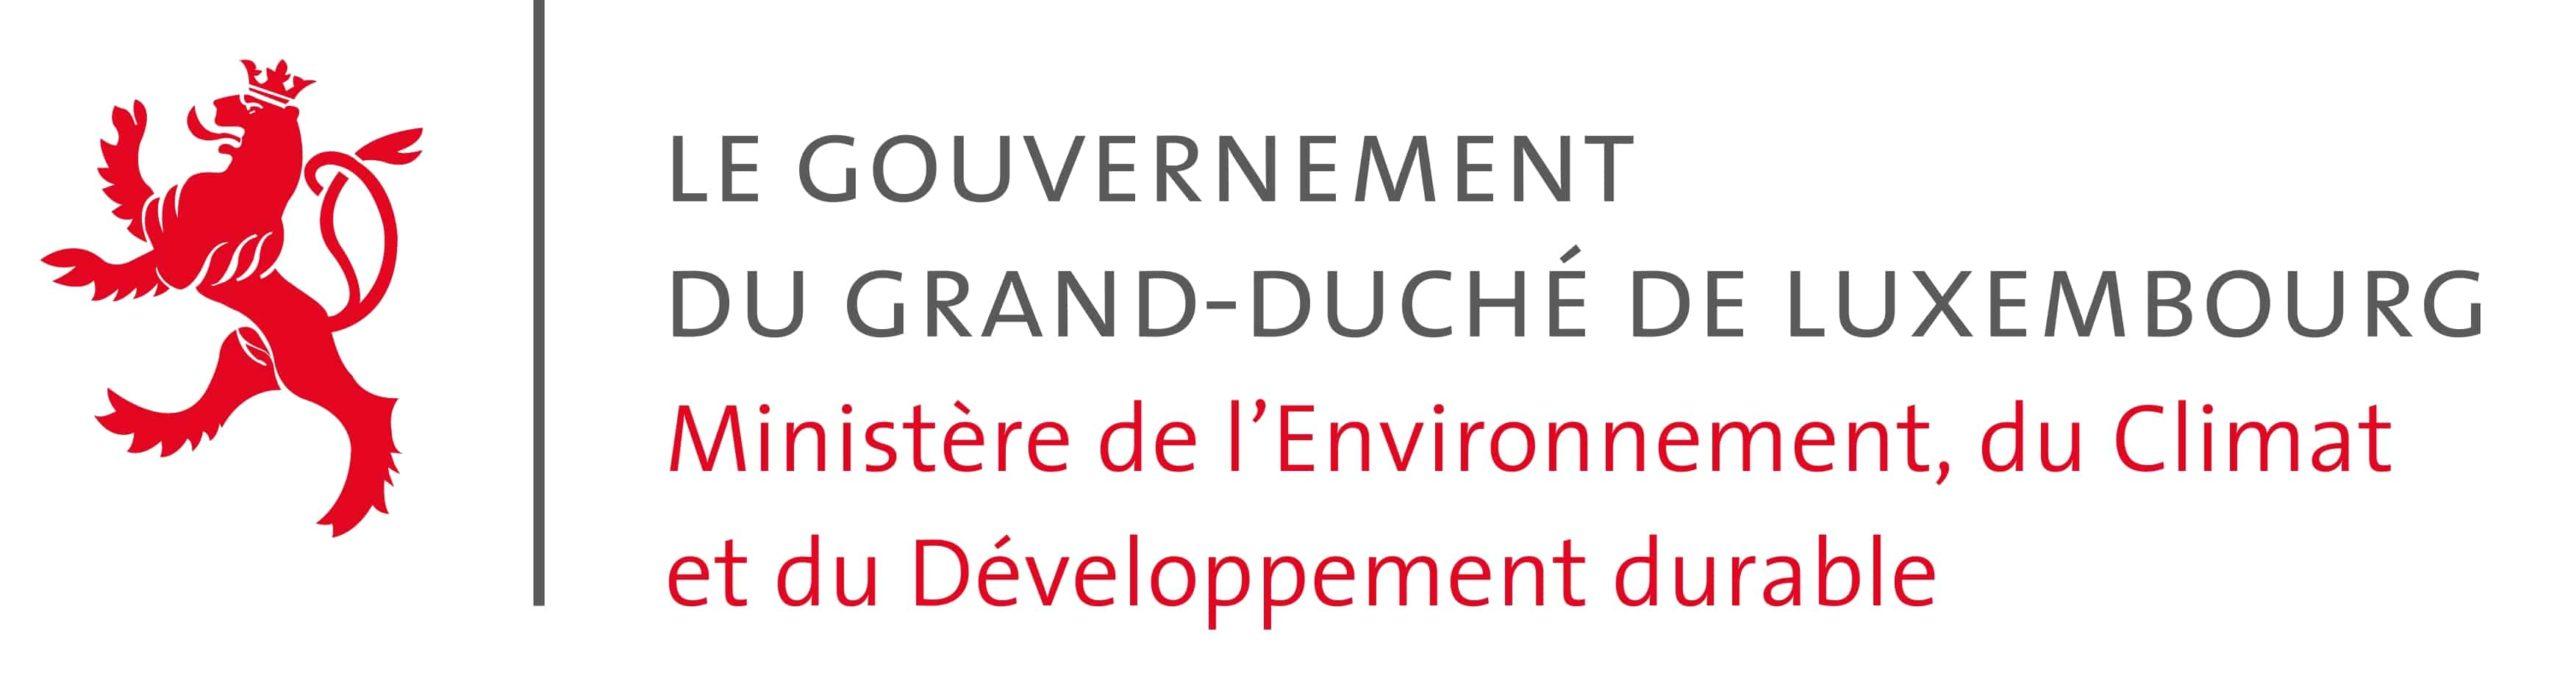 Ministeriums für Umwelt, Klima und nachhaltige Entwicklung